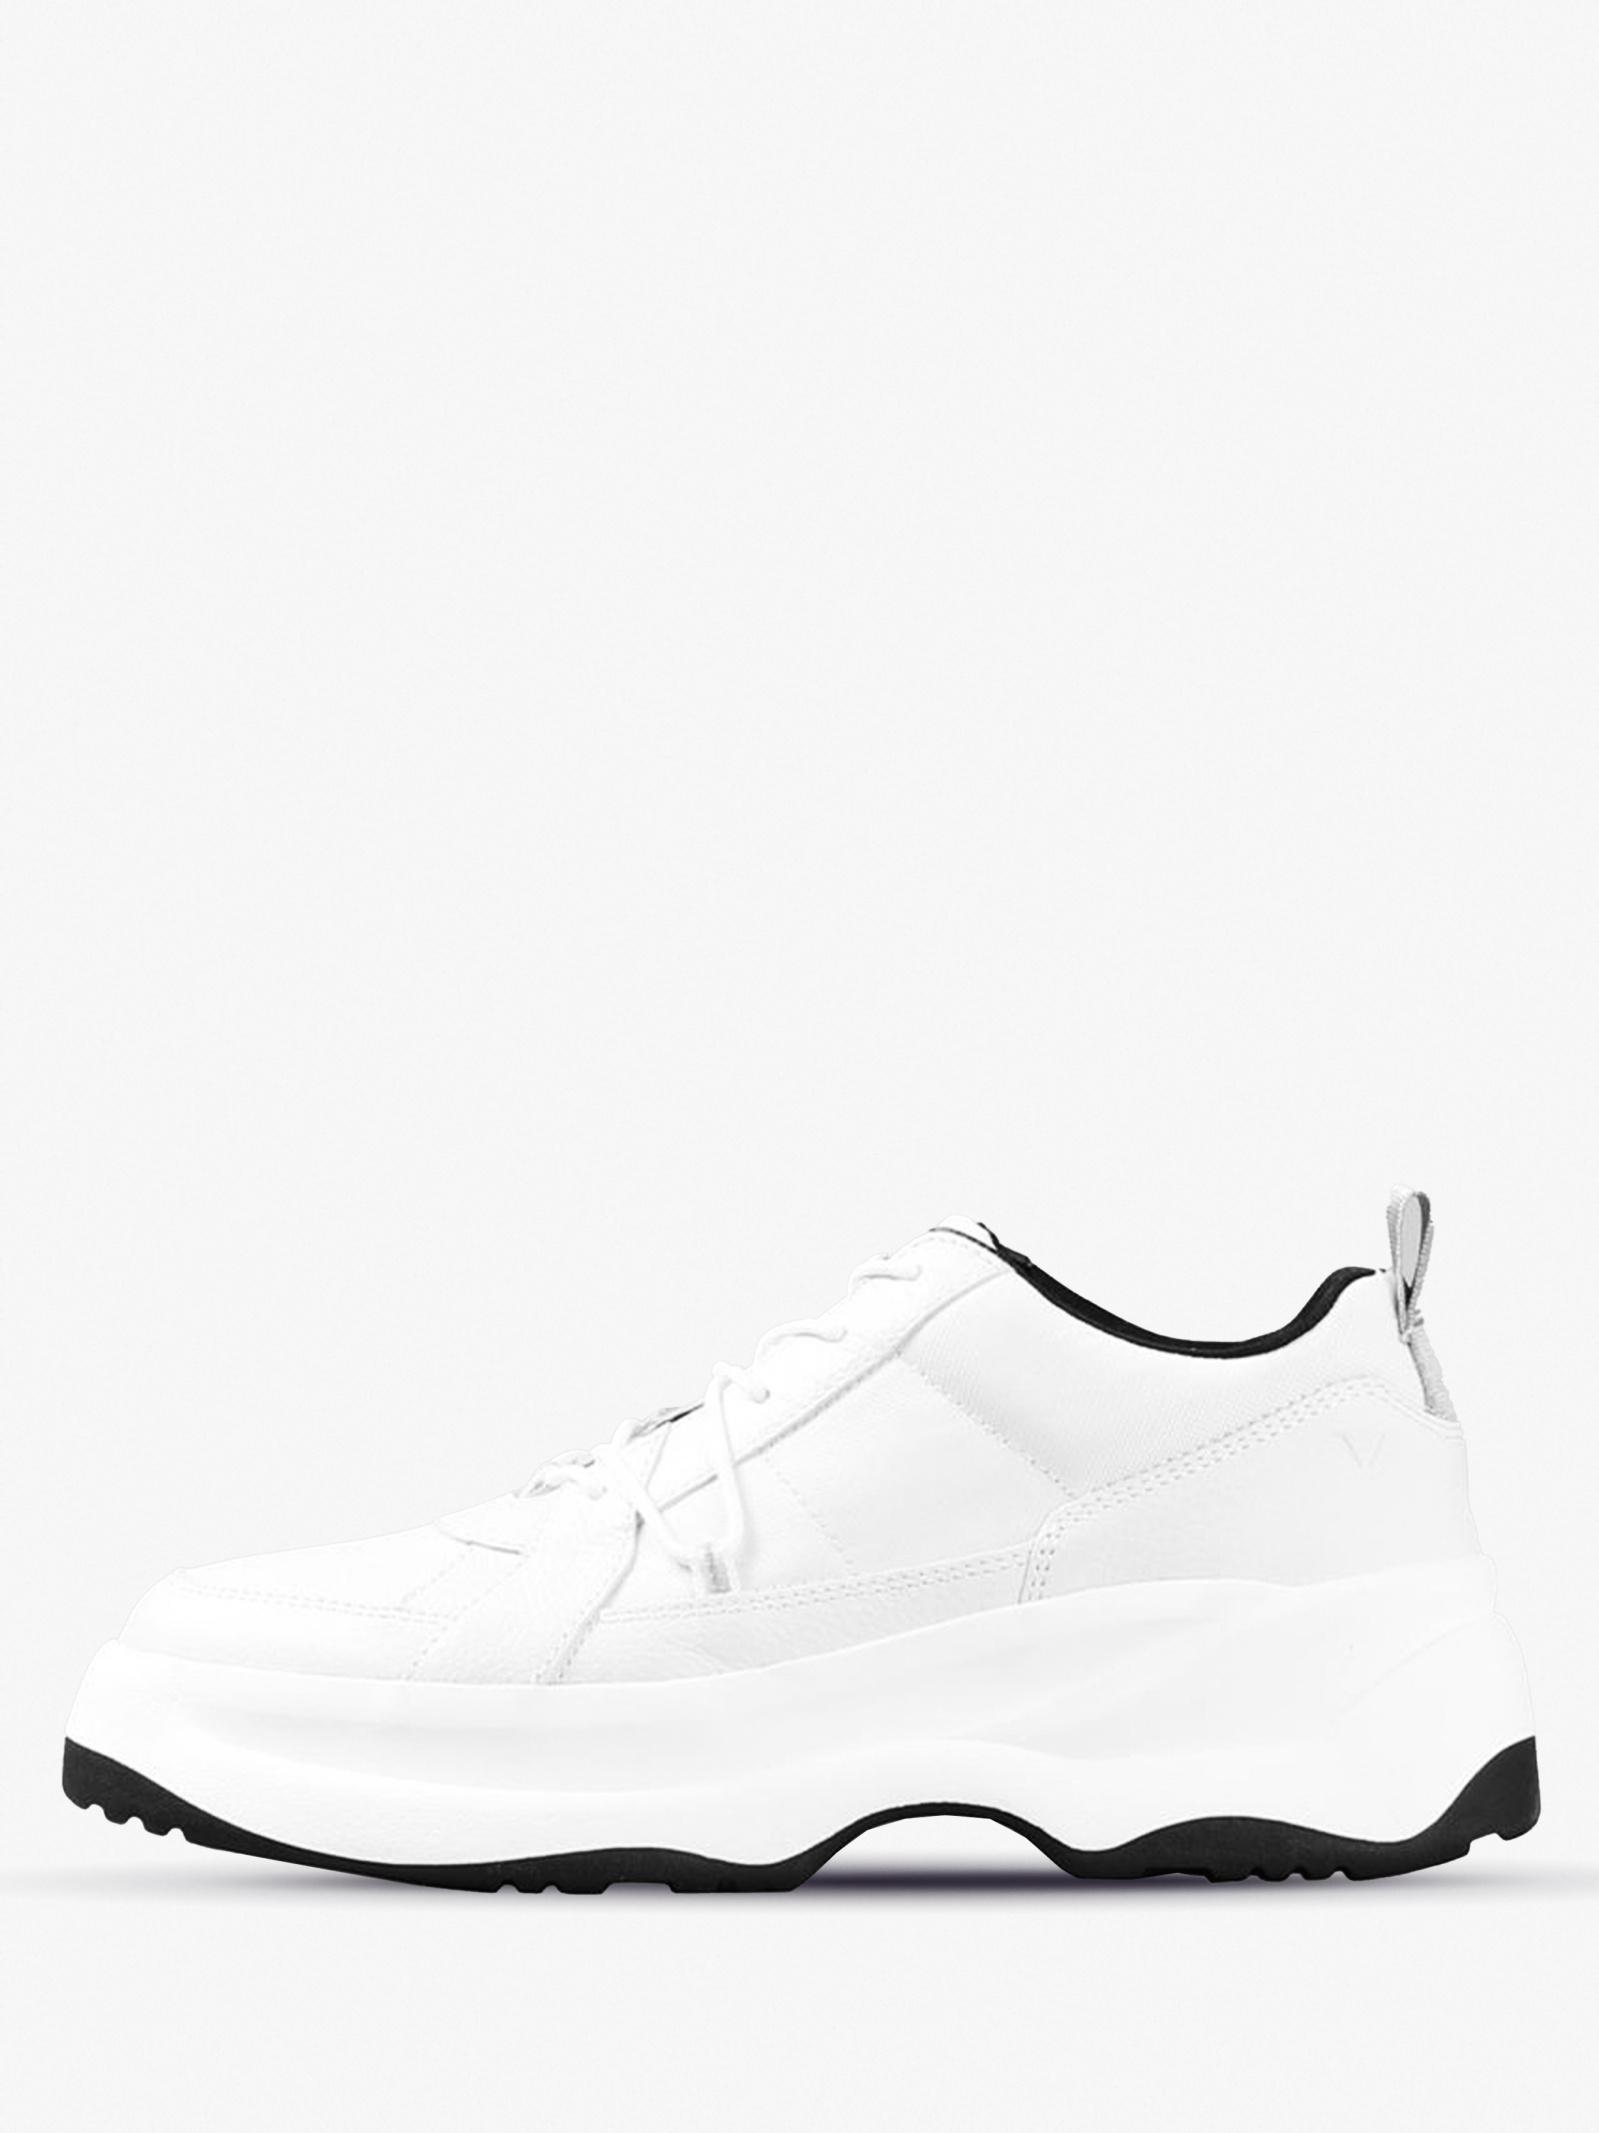 Кросівки  для жінок VAGABOND INDICATOR 2.0 4926-102-01 модне взуття, 2017